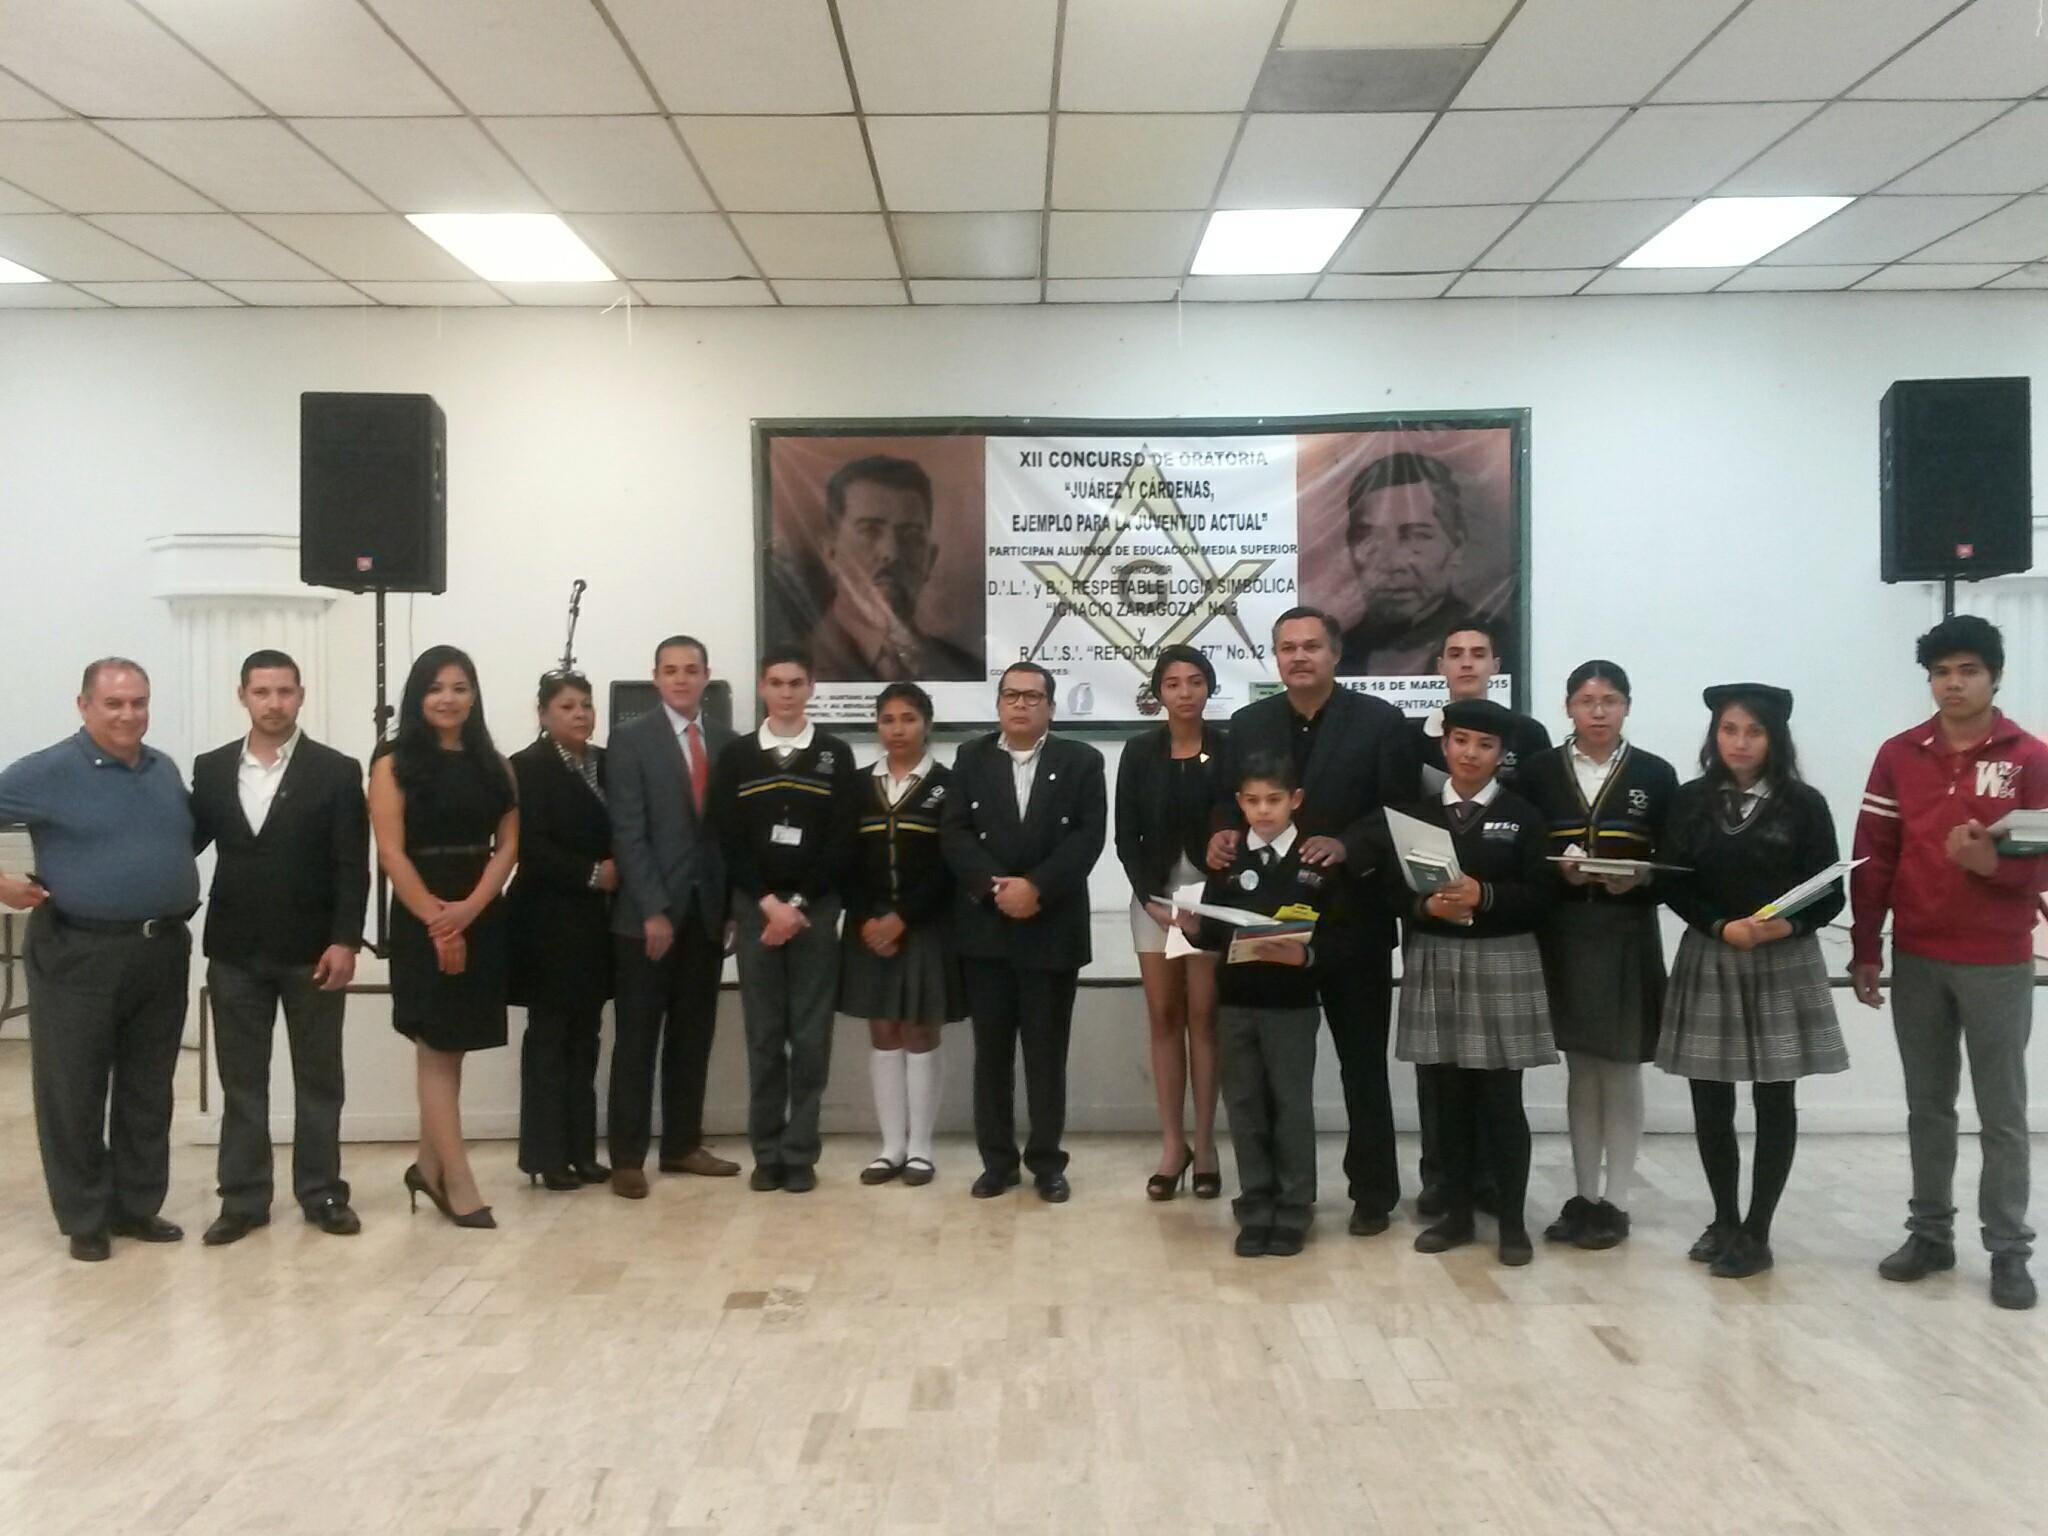 Leonardo Zúñiga, Israel Padilla y Karen Ordoñez ganan concurso de oratoria sobre Juárez y Cárdenas